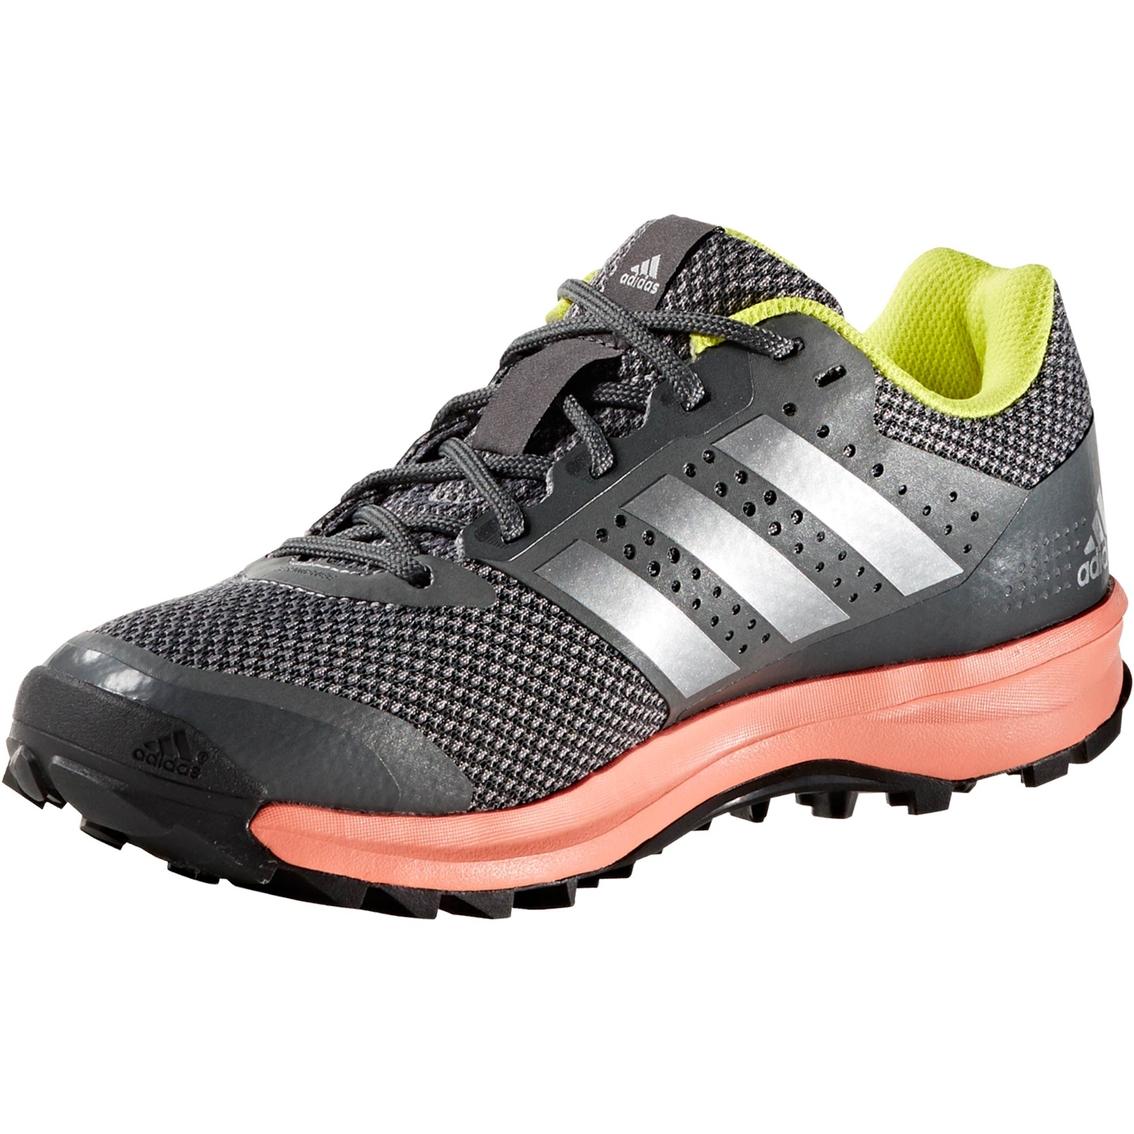 Adidas Women's Duramo 7 Running Shoes | Running | Shoes | Shop The ...